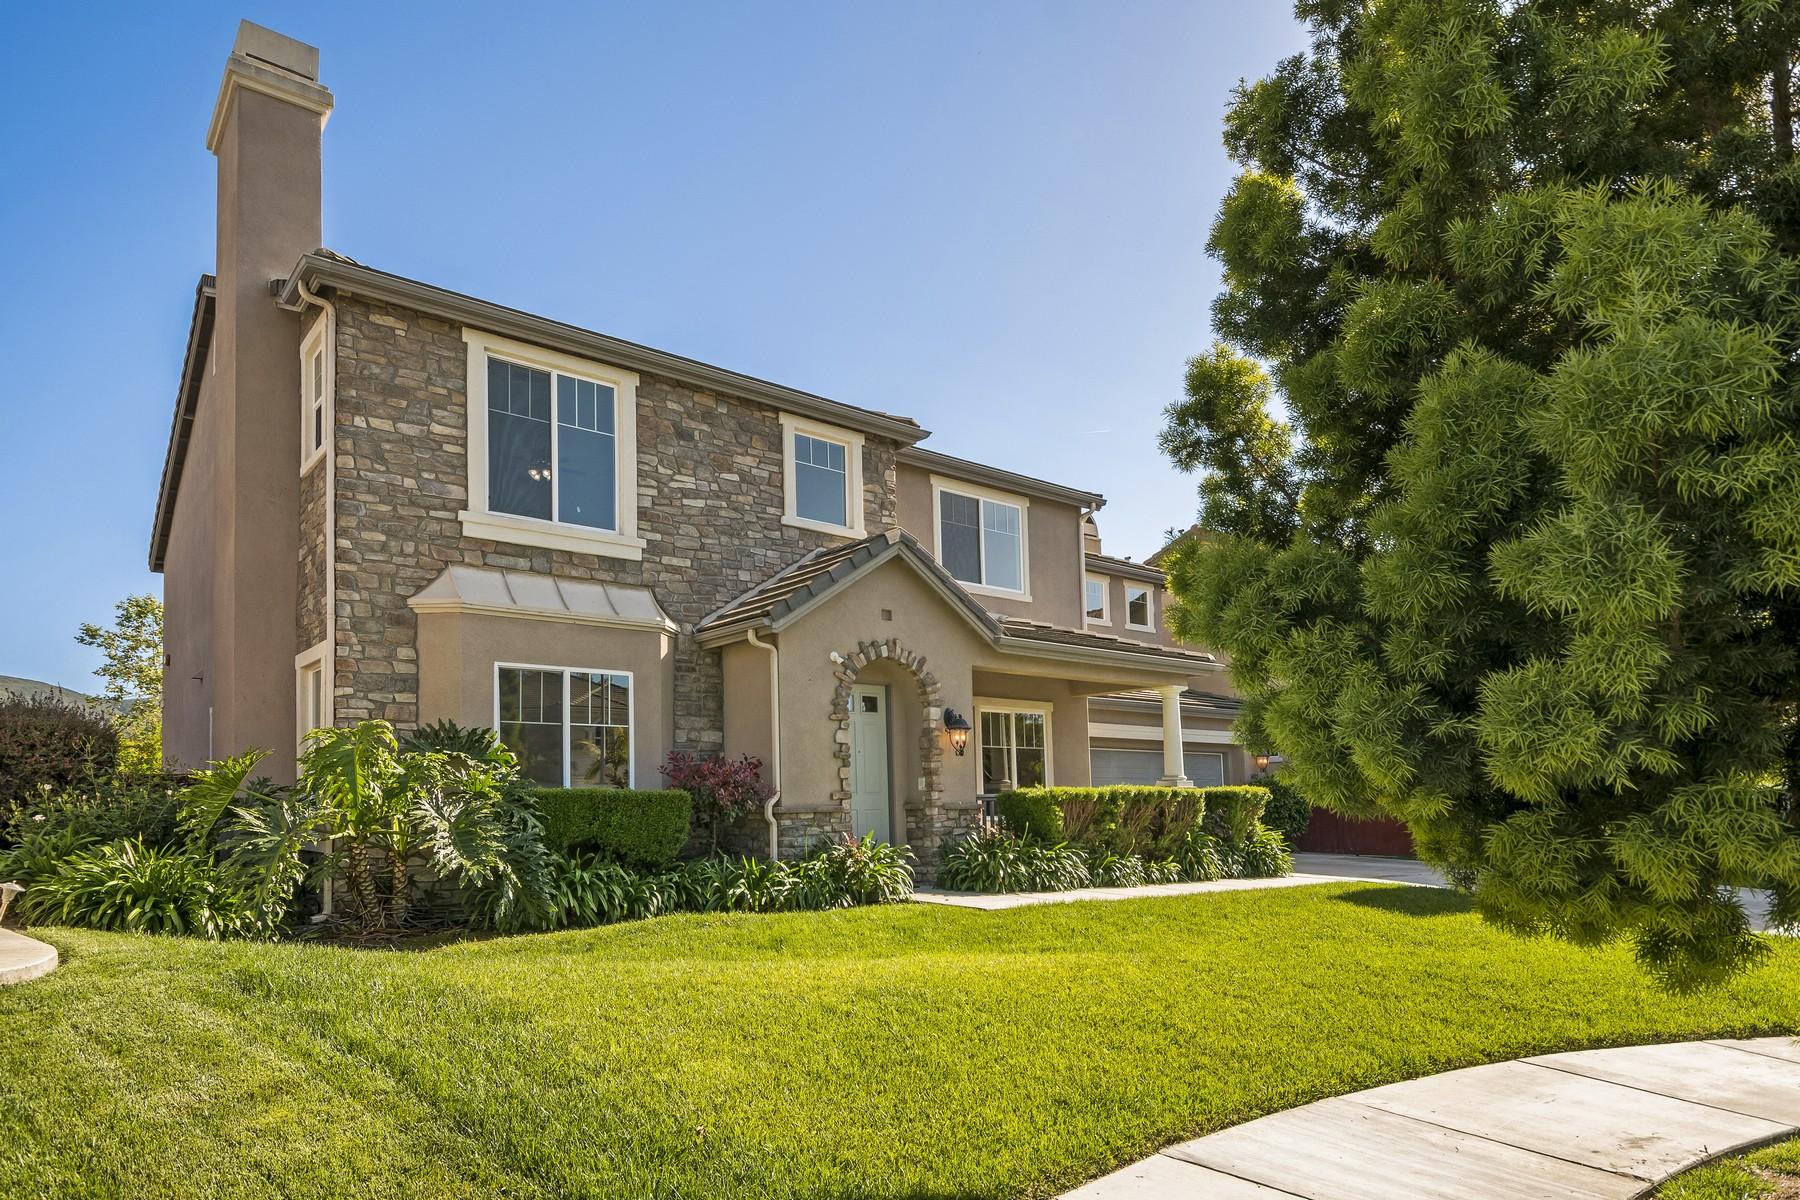 一戸建て のために 売買 アット 16022 Palomino Valley Road, San Diego San Diego, カリフォルニア, 92127 アメリカ合衆国